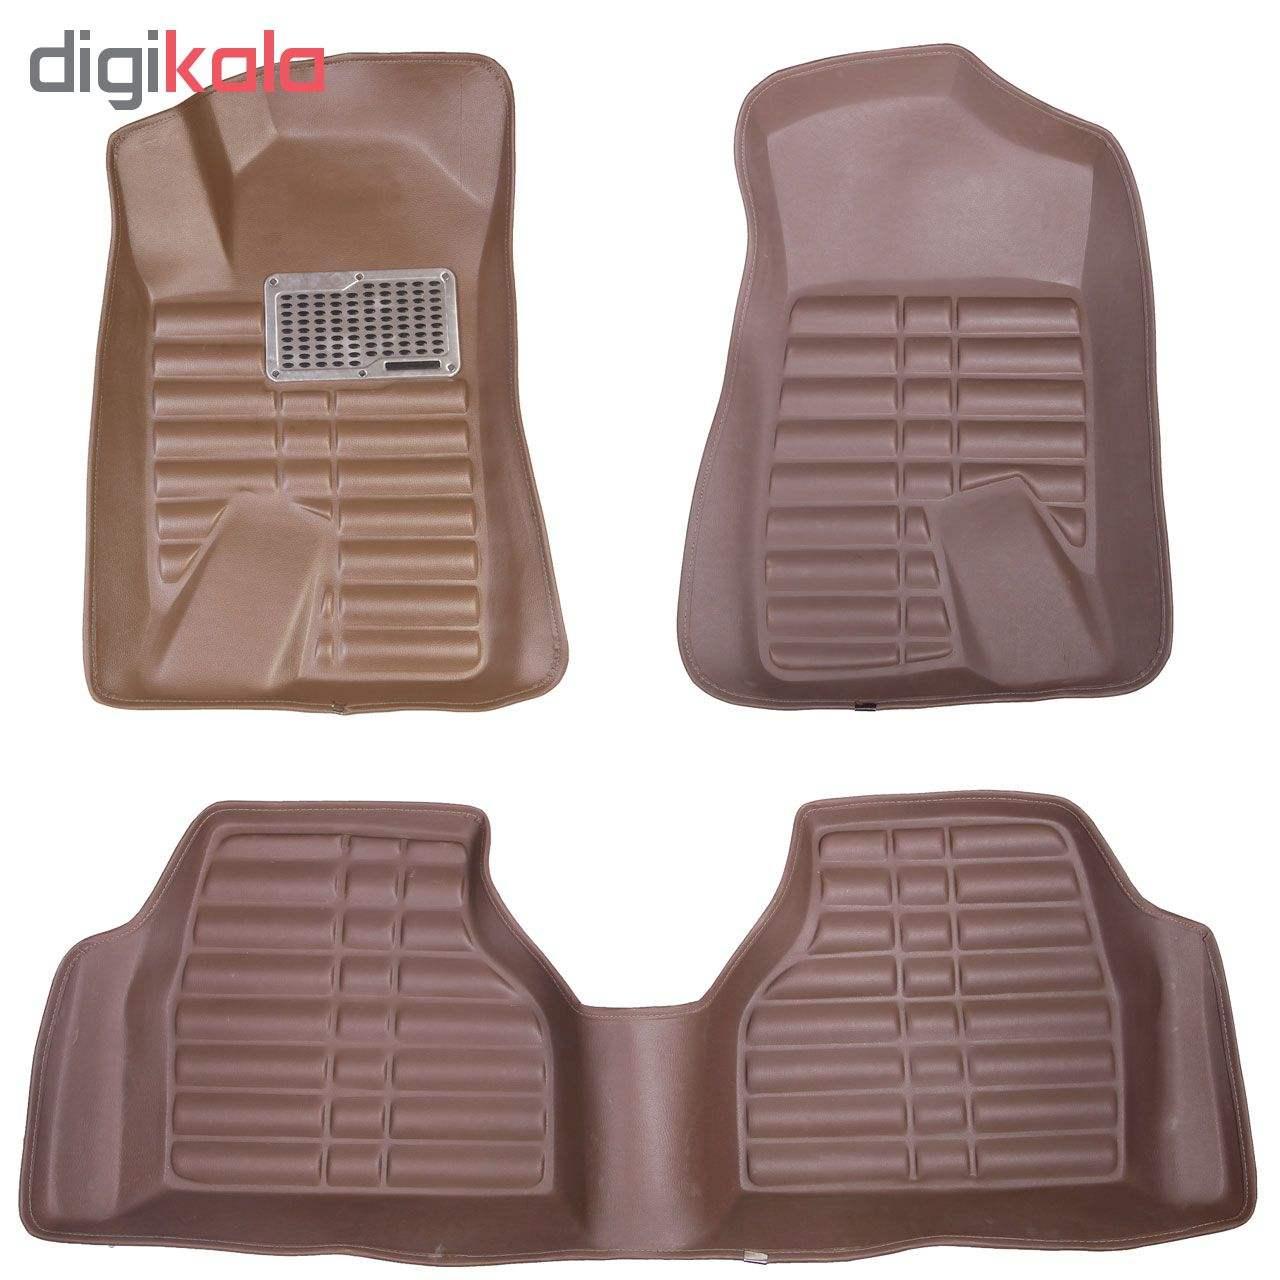 کفپوش سه بعدی خودرو مدل پالیز مناسب برای دنا-سمند-پژو 405-پارس main 1 9